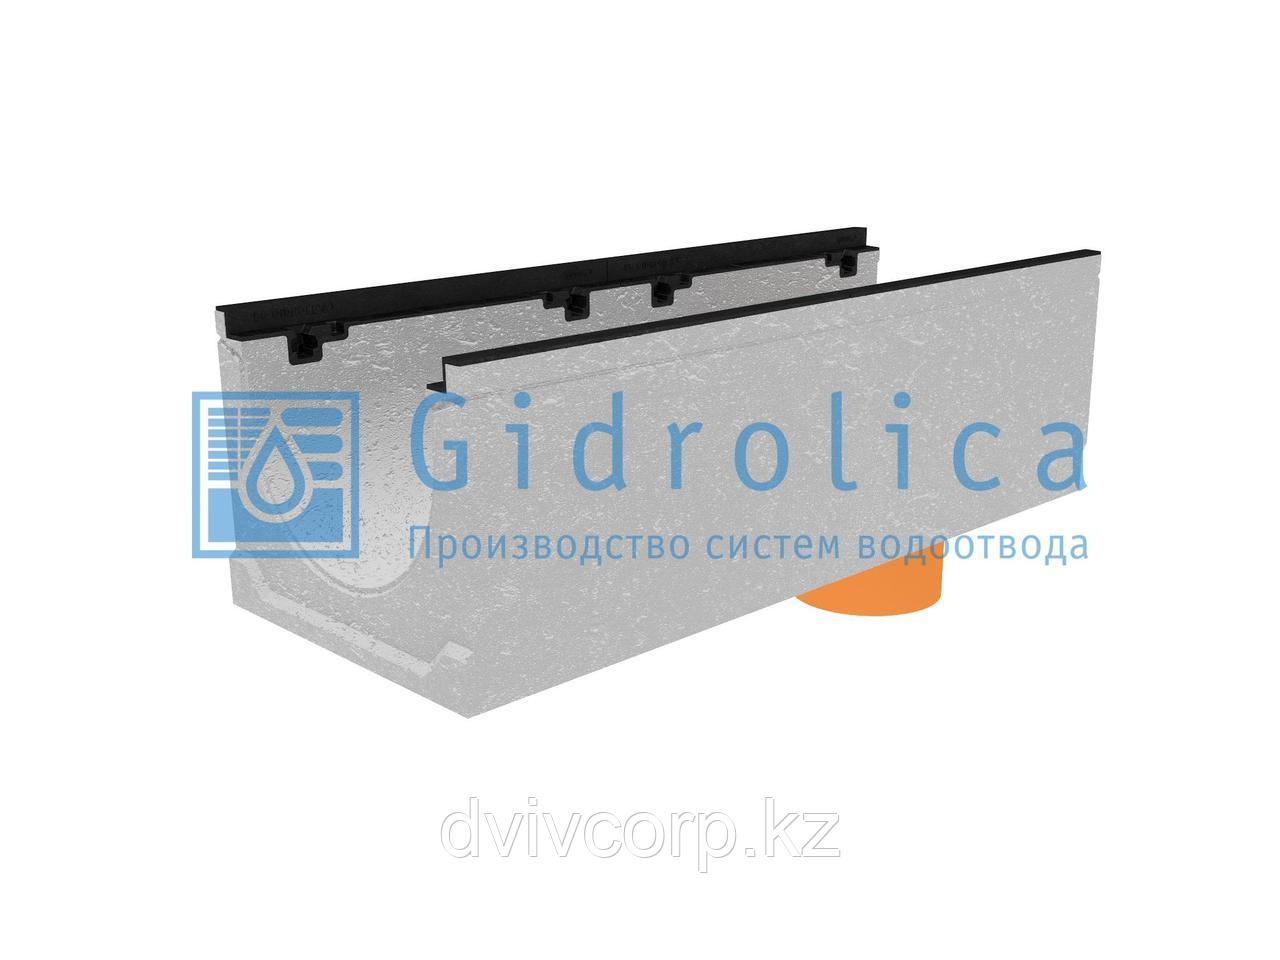 Лоток водоотводный бетонный коробчатый (СО-300мм), с чугунной насадкой с водосливом КUв 100.39,9 (30).31(24) -